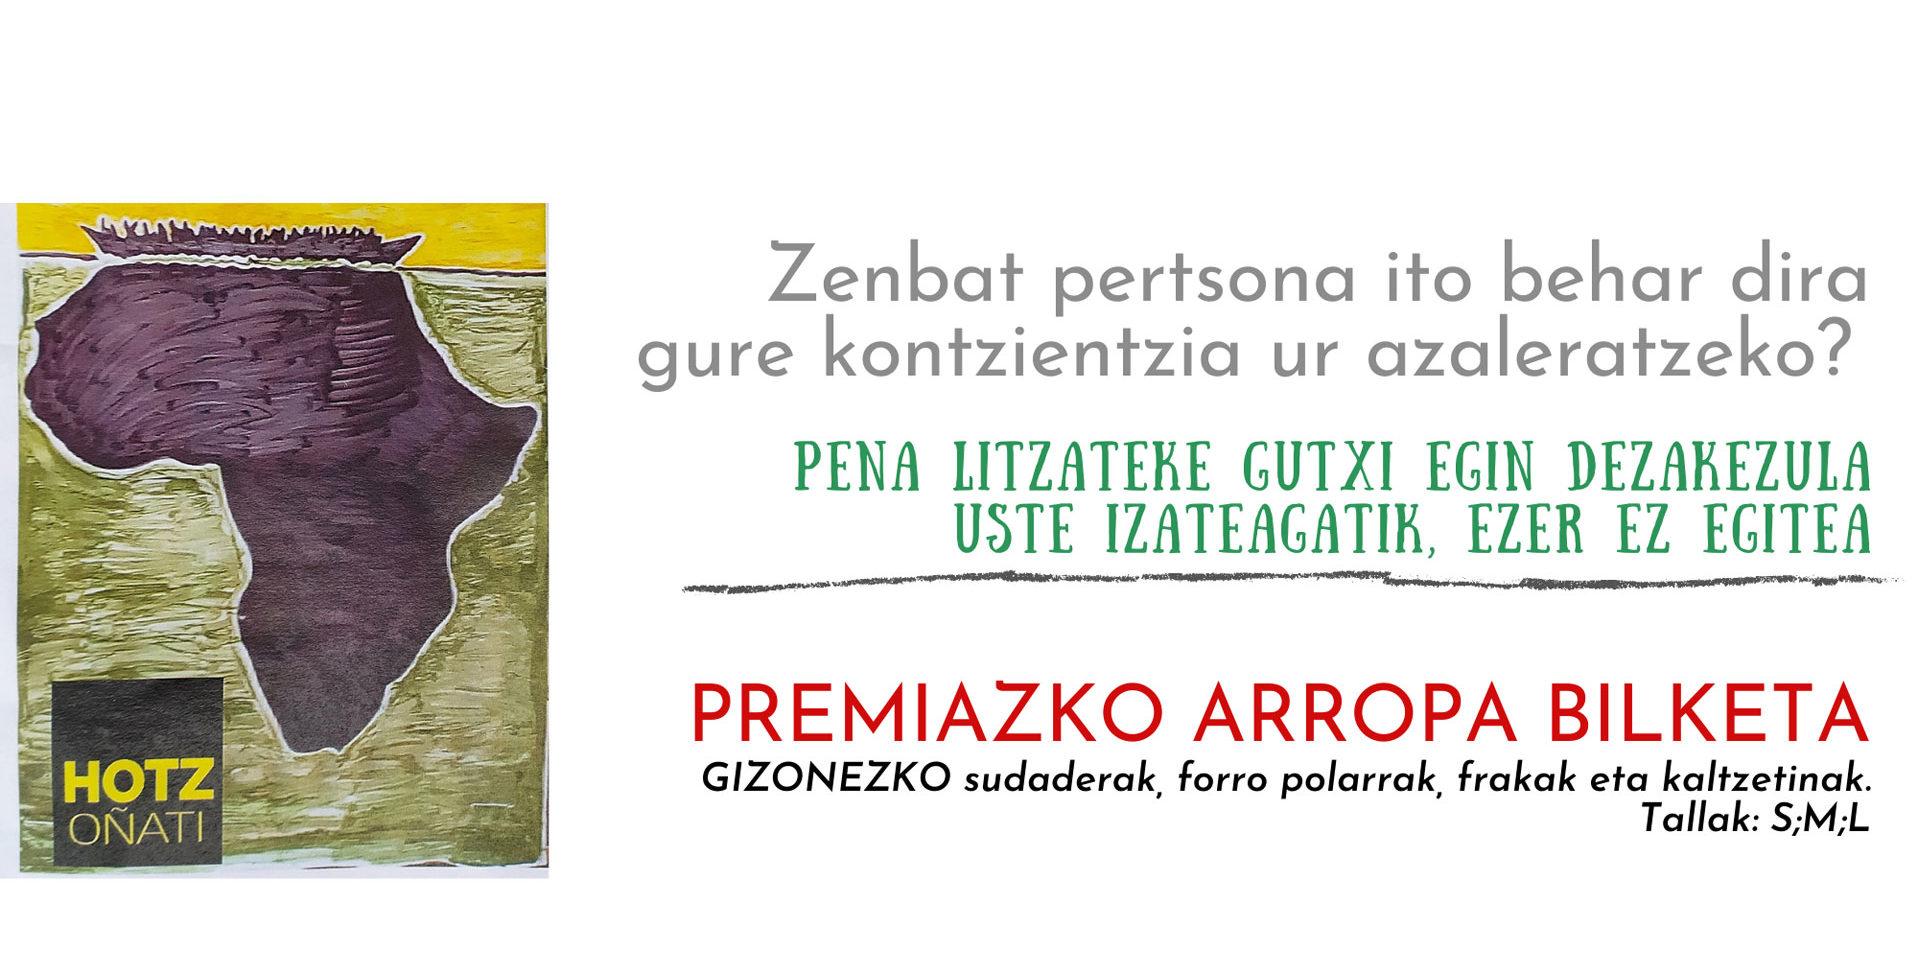 slide_elkarHezi_arropabilketa